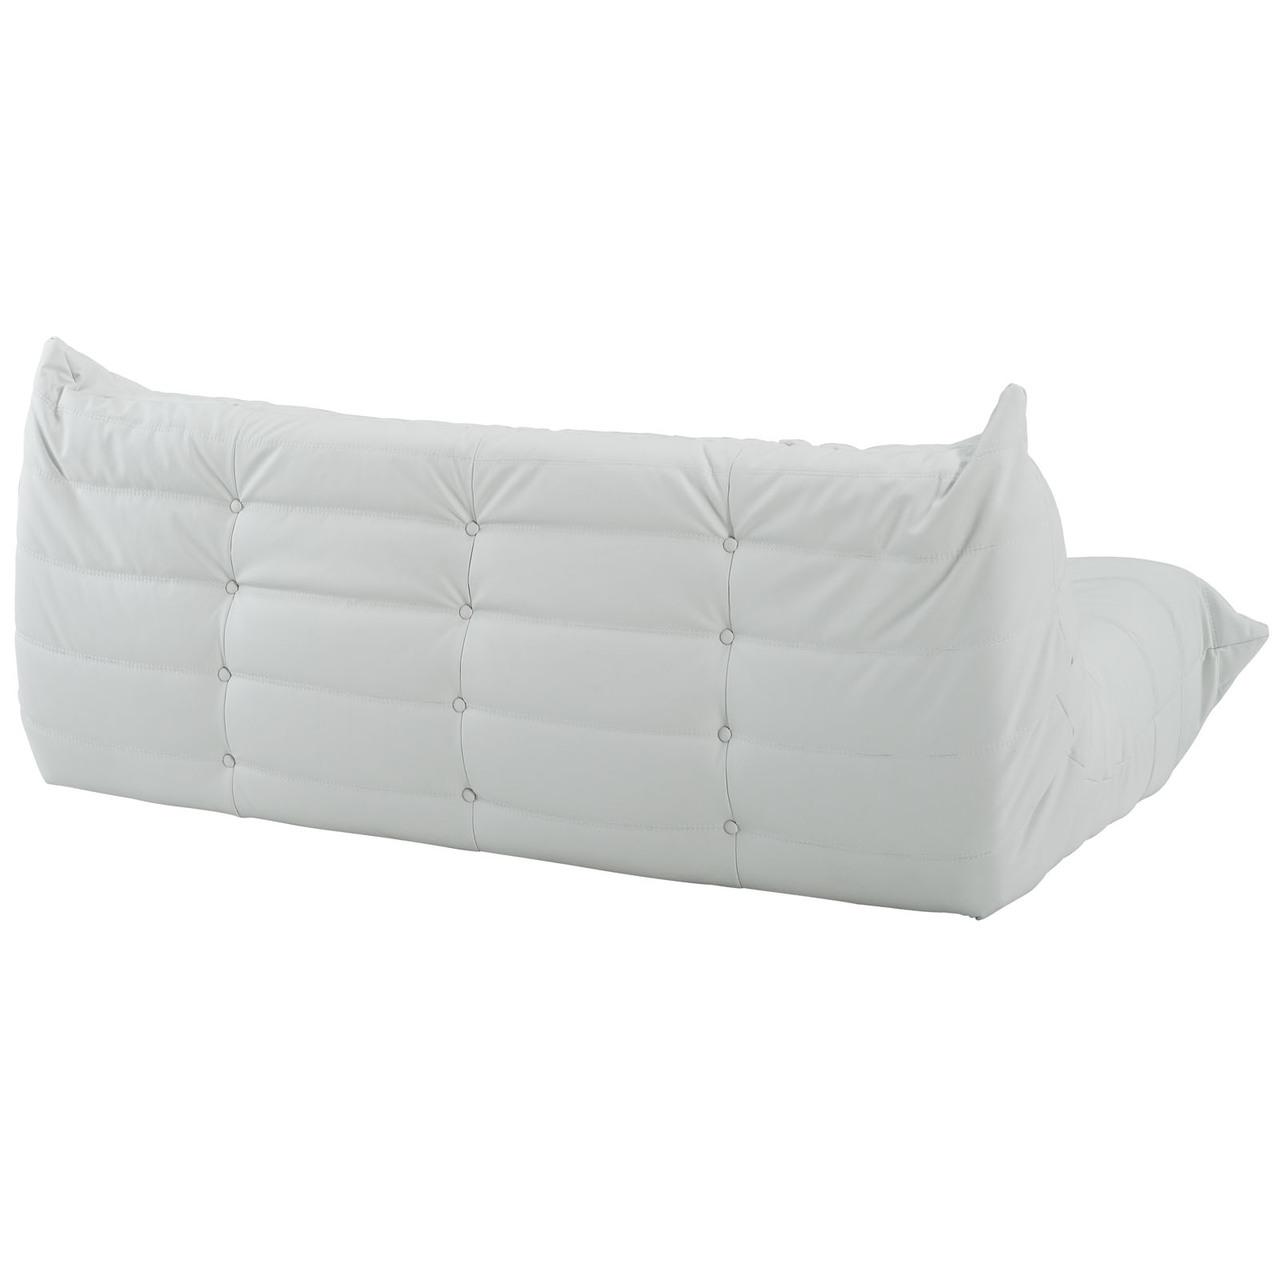 Downlow Sofa White Leather - AdvancedInteriorDesigns - Modern Sofa ...